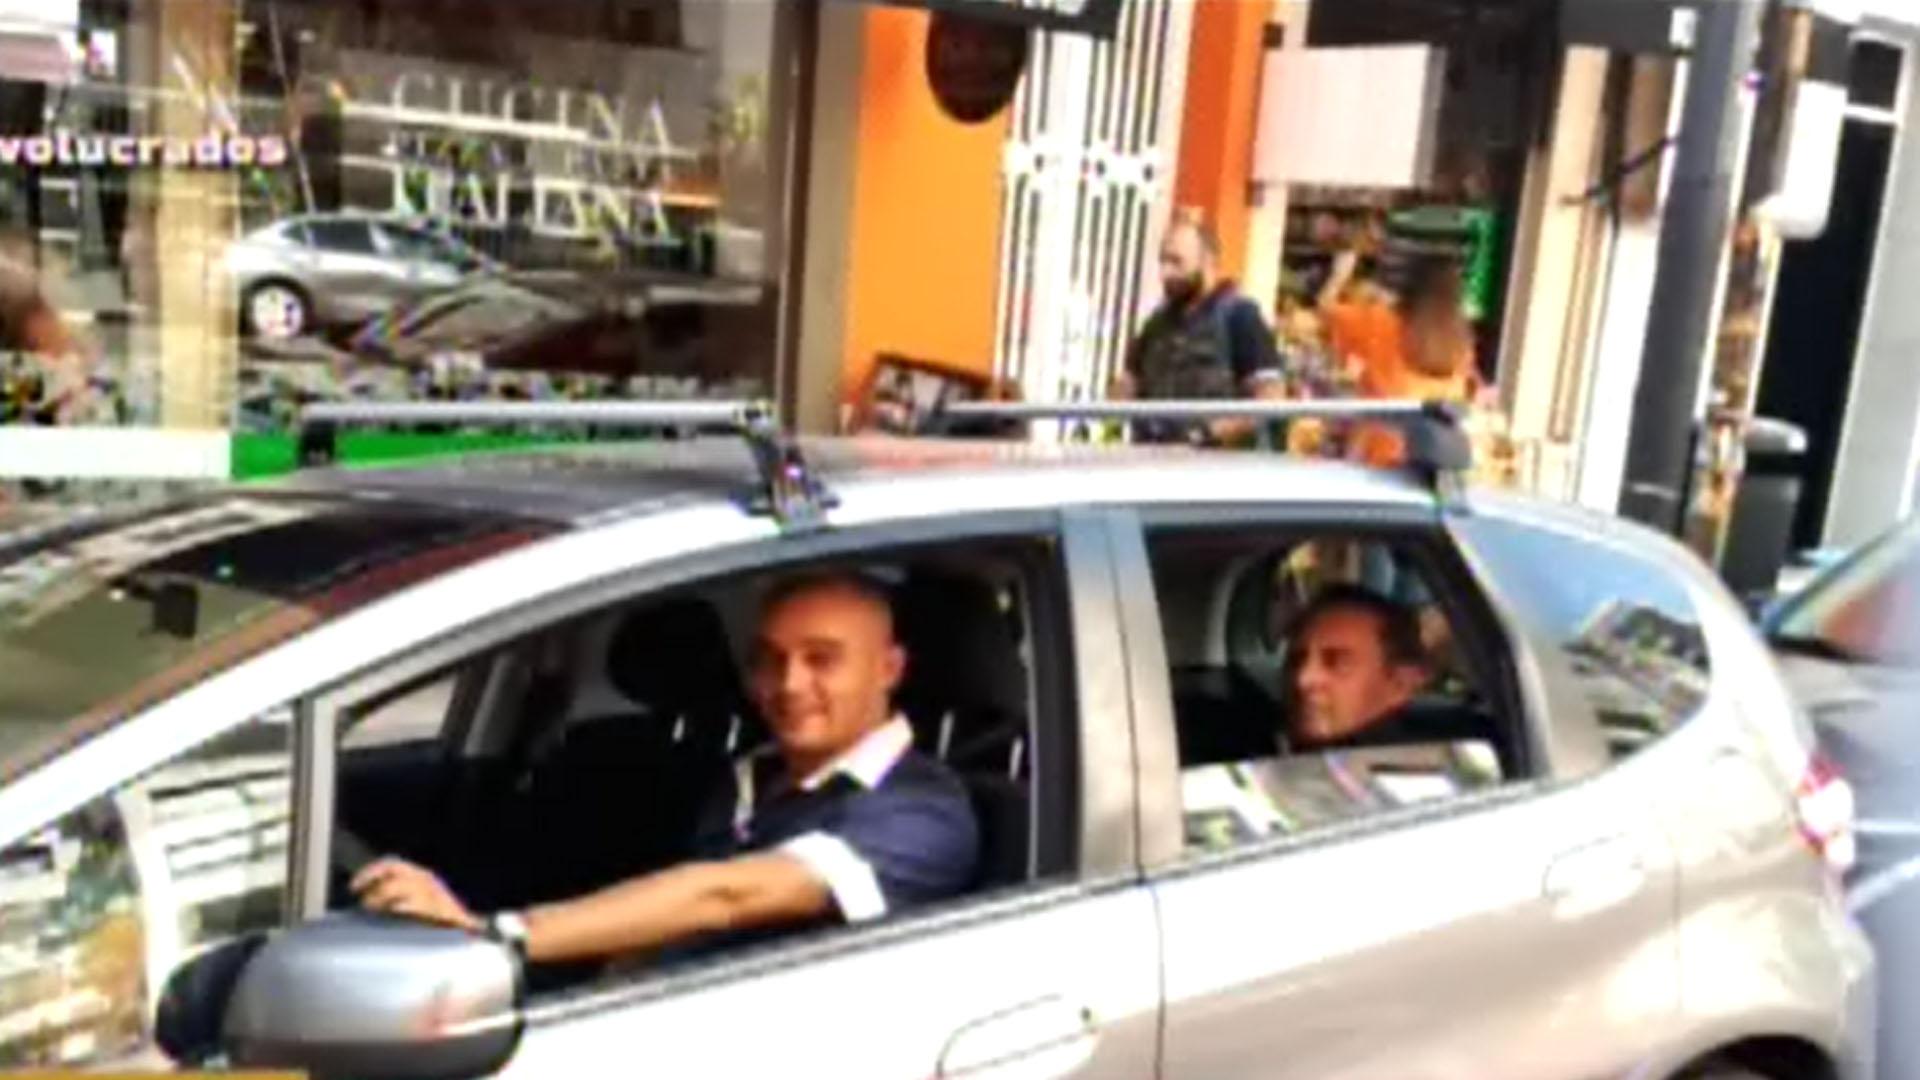 Albertito, trabajando como chofer de Uber